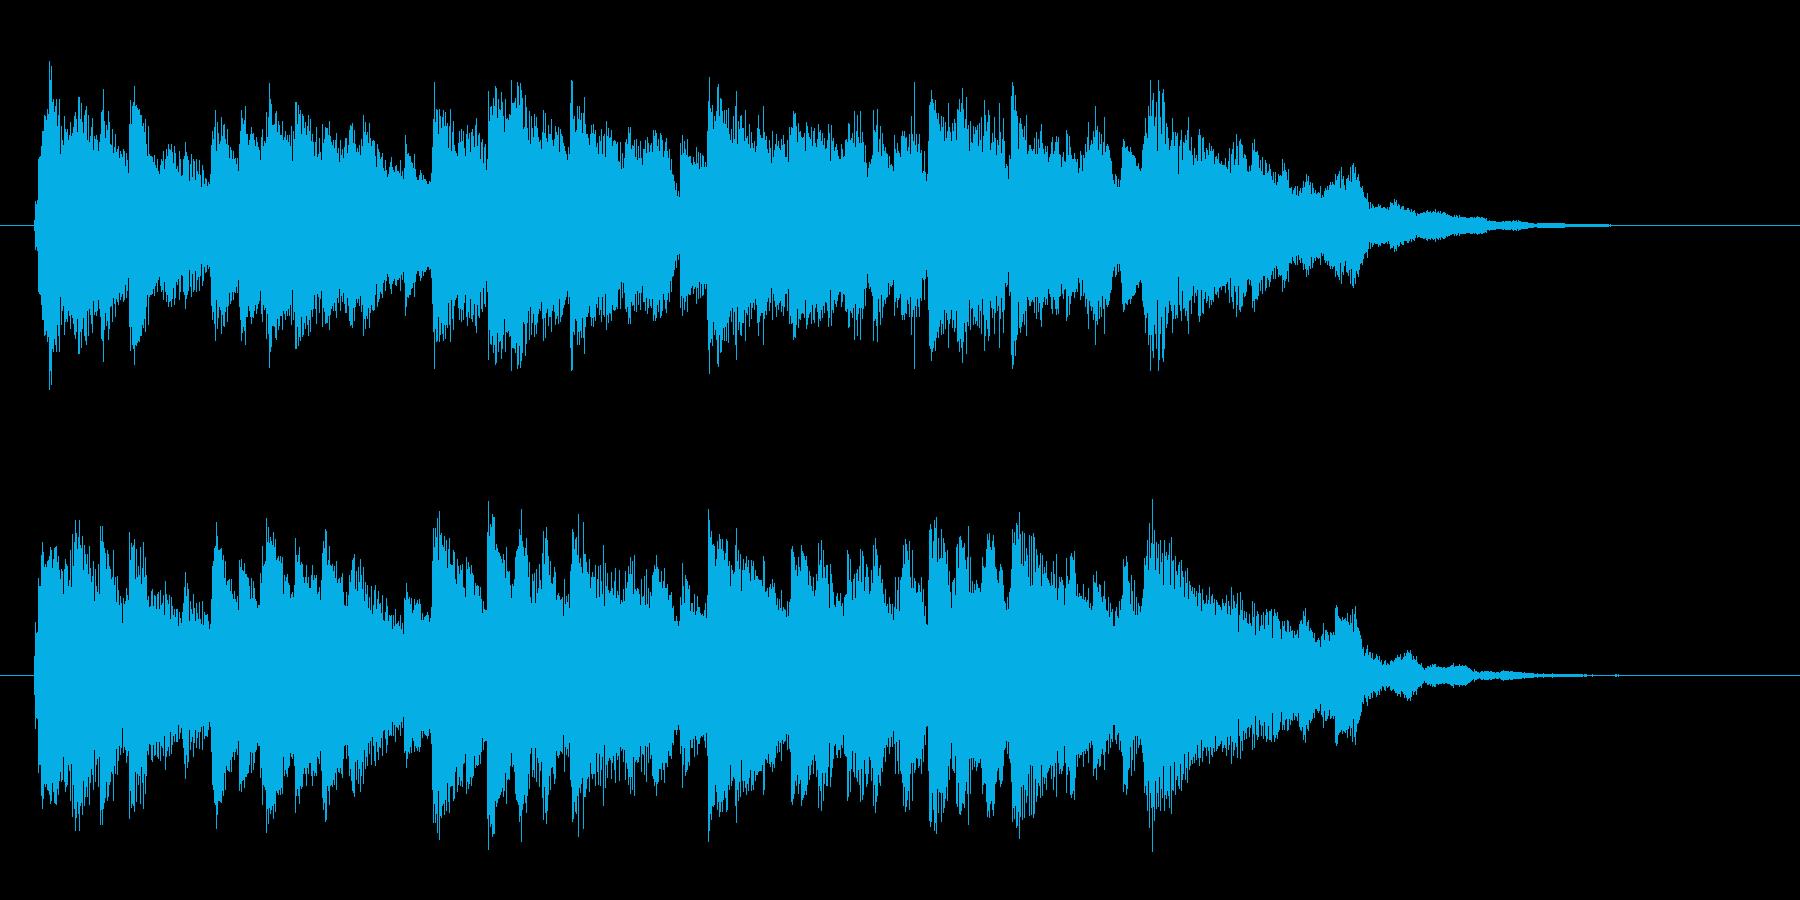 優しいピアノのジングル曲、サウンドロゴの再生済みの波形